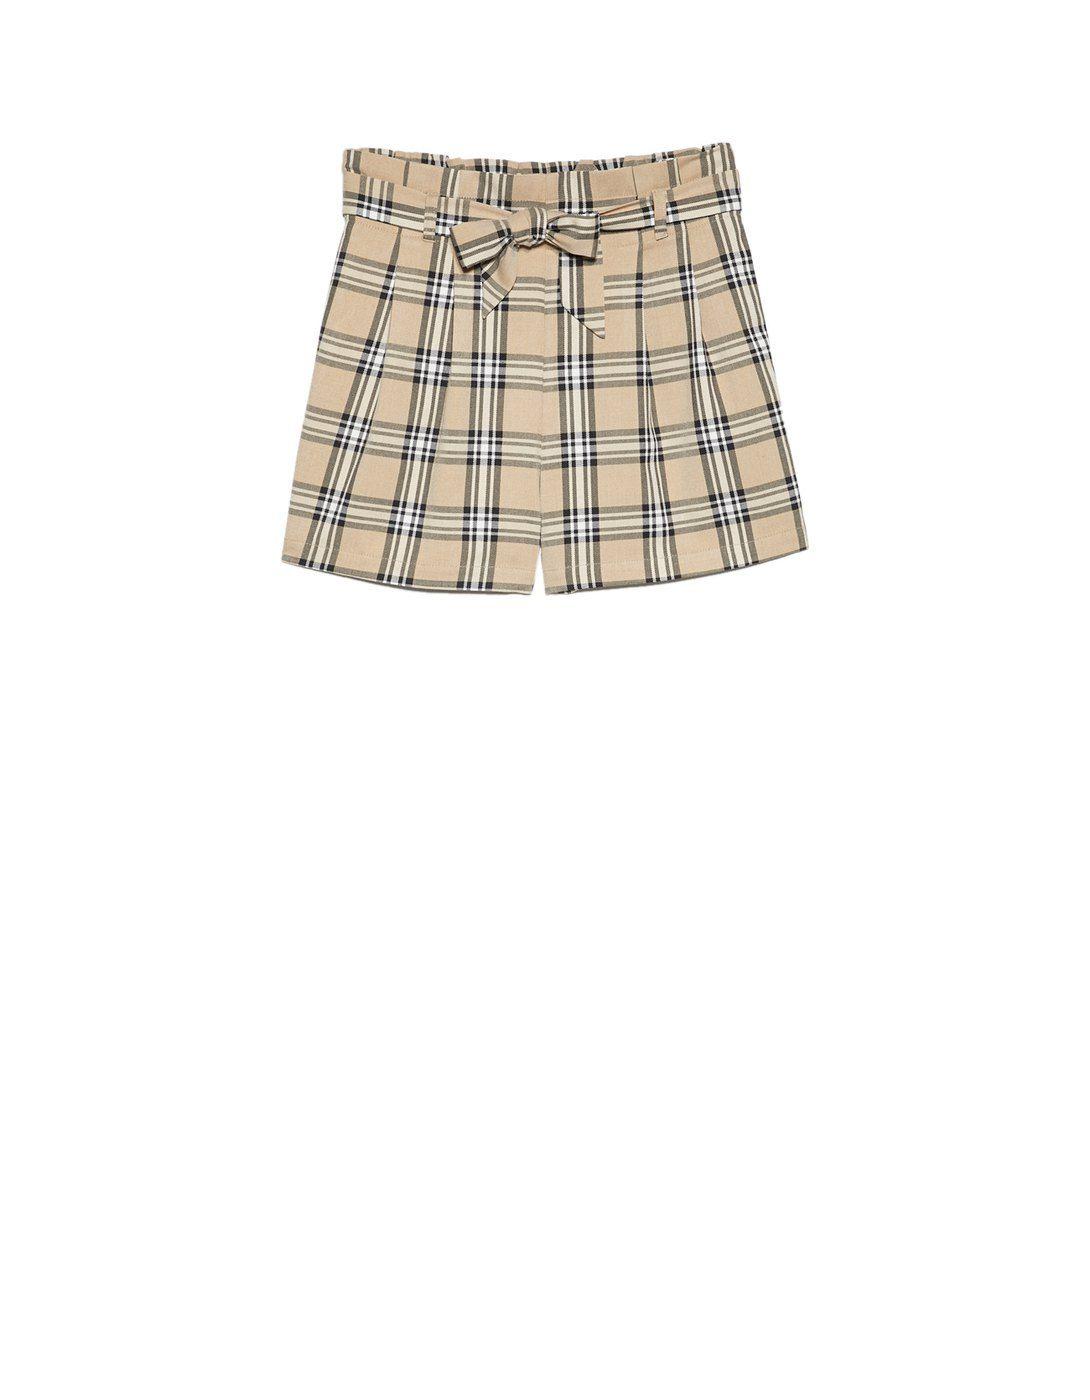 a61d56366 Pantalon corto estampado cuadros | #New_In July 2018 | Pantalones ...